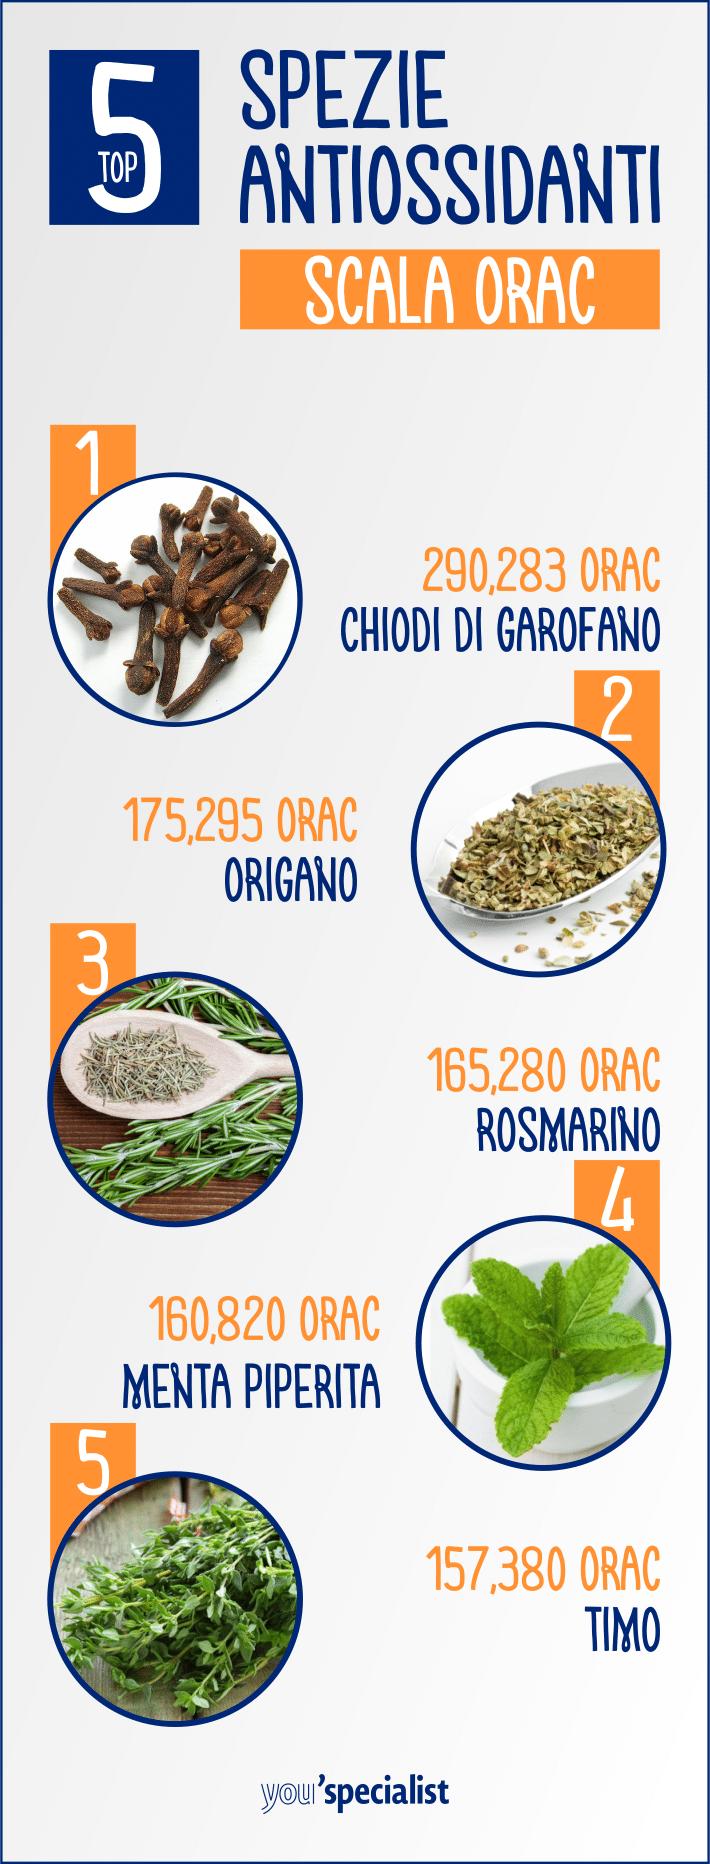 la classifica delle migliori spezie antiossidanti